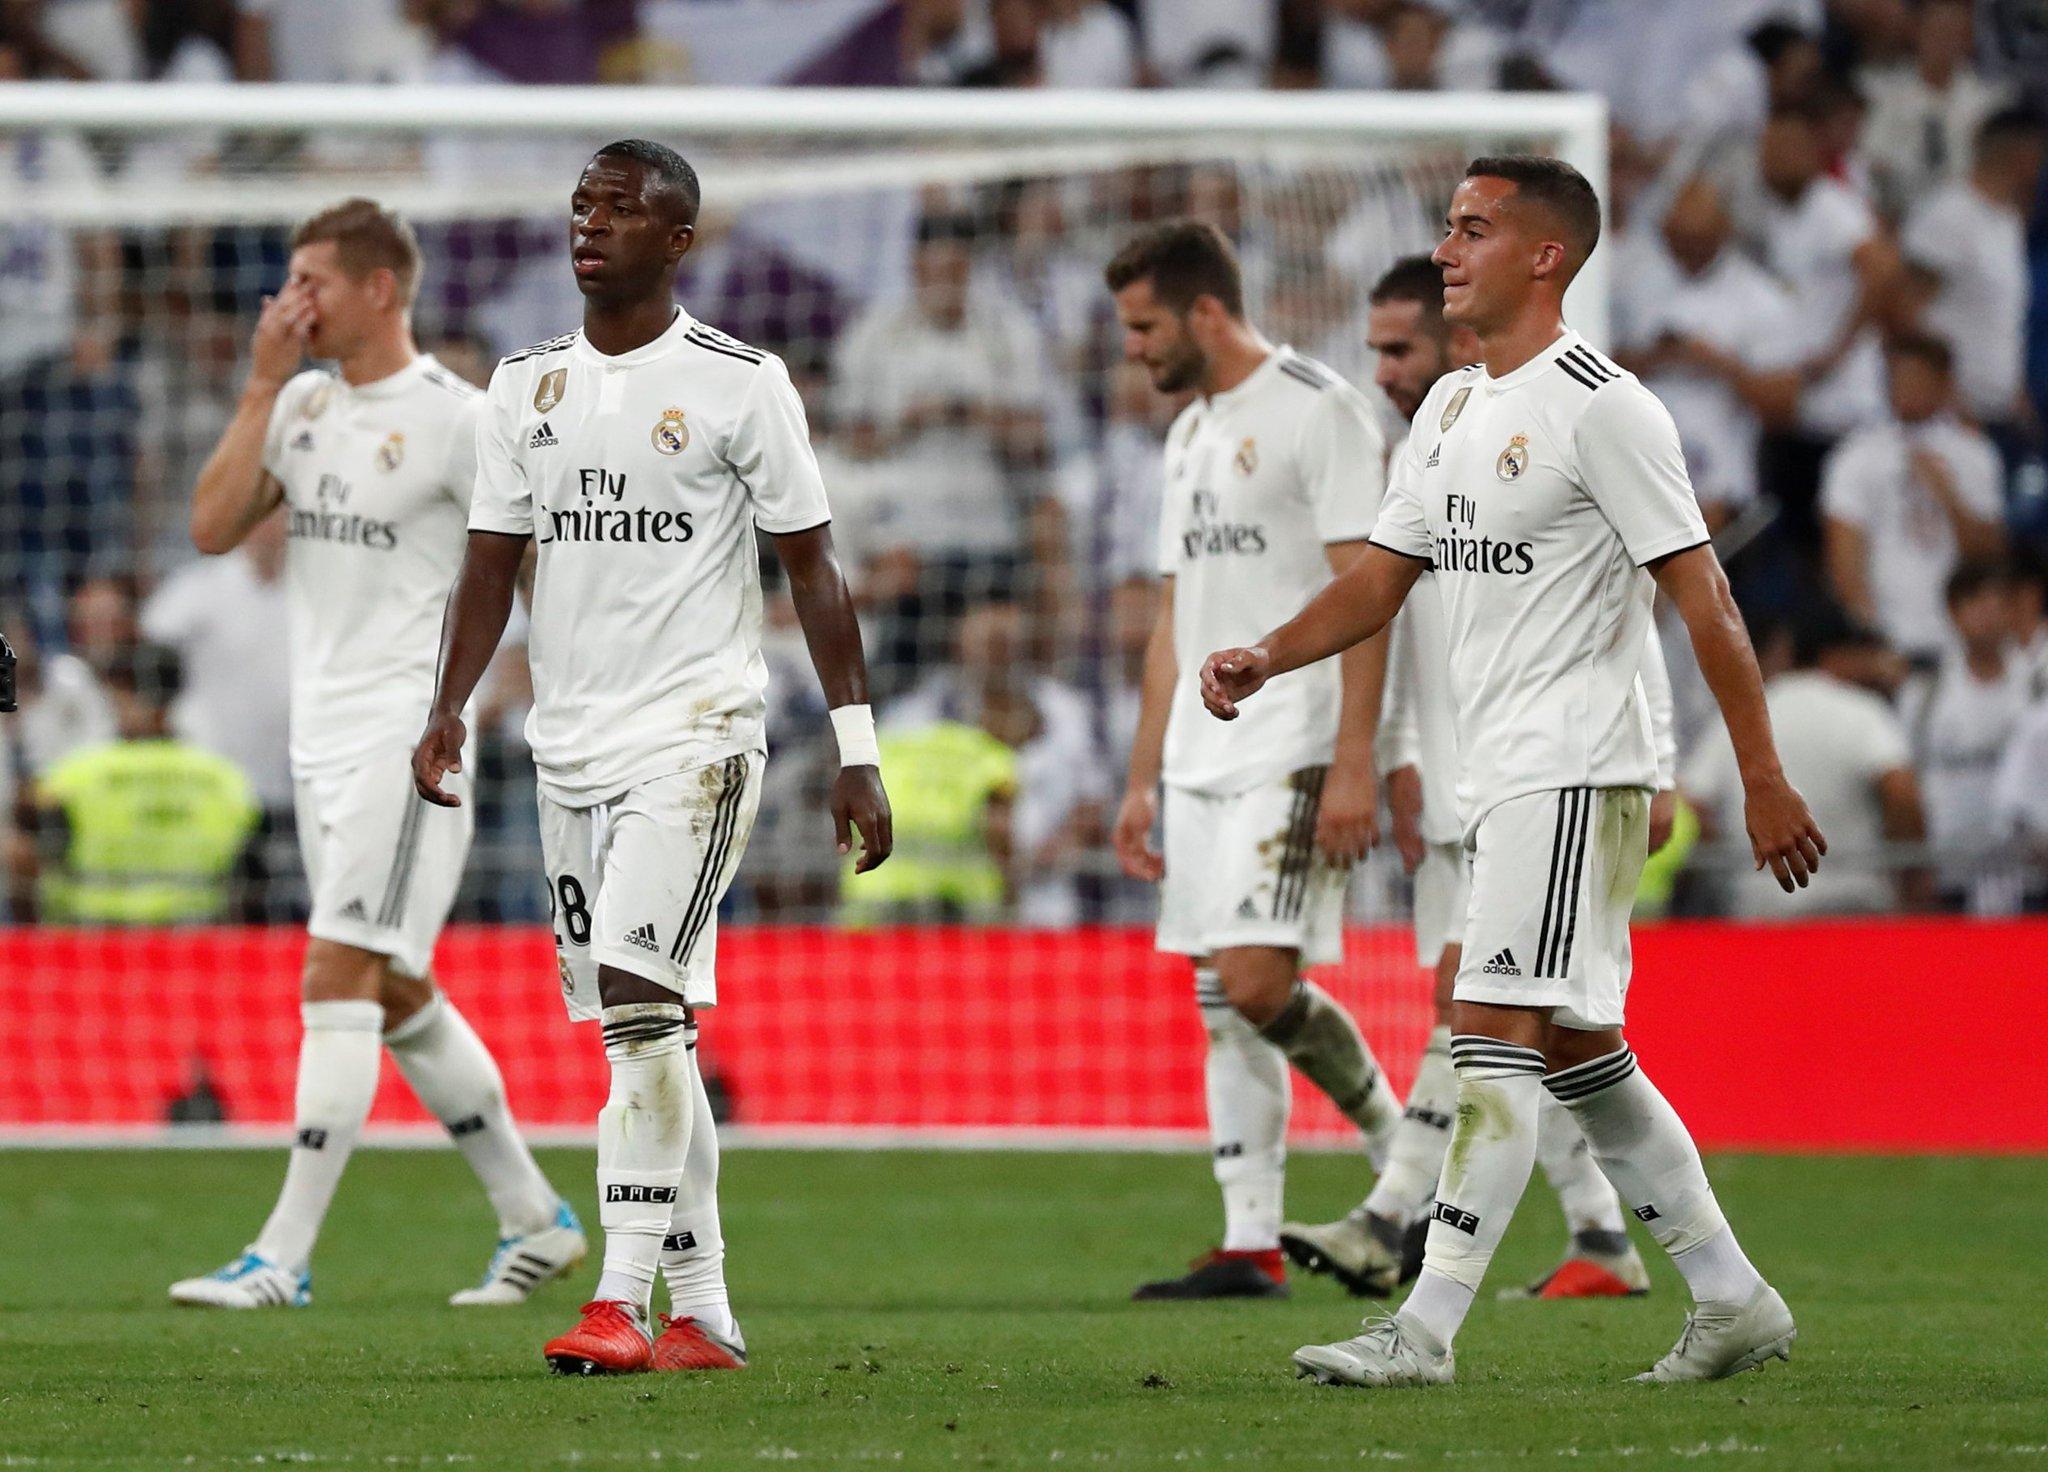 هدف فوز الافيس على ريال مدريد